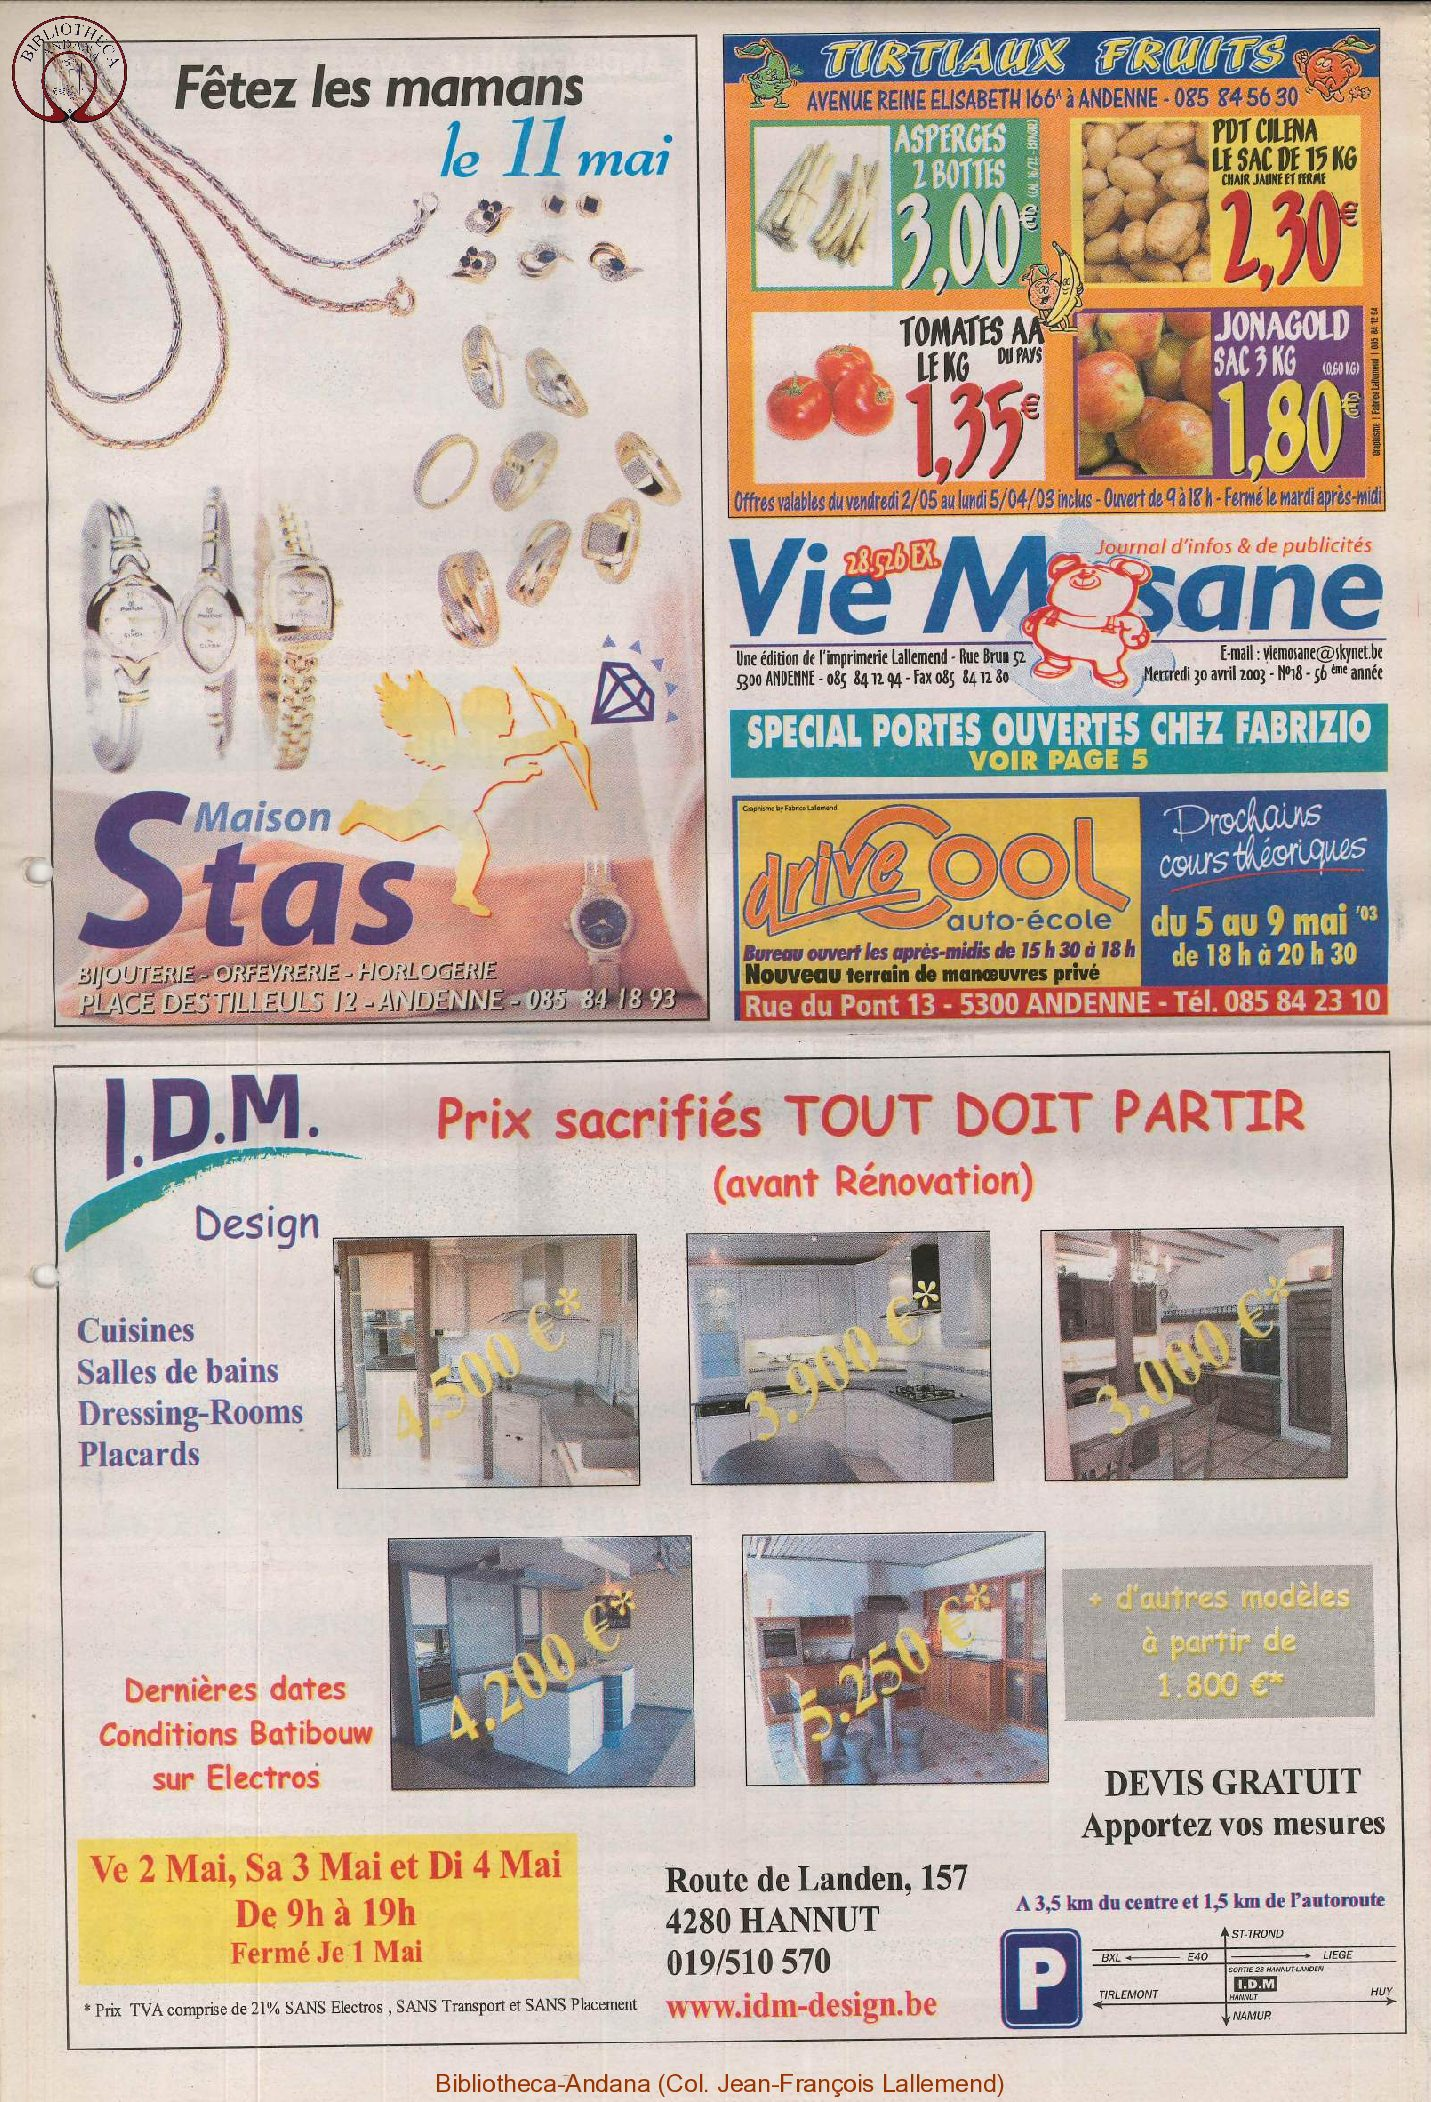 57e année - n°18 - 30 avril 2003